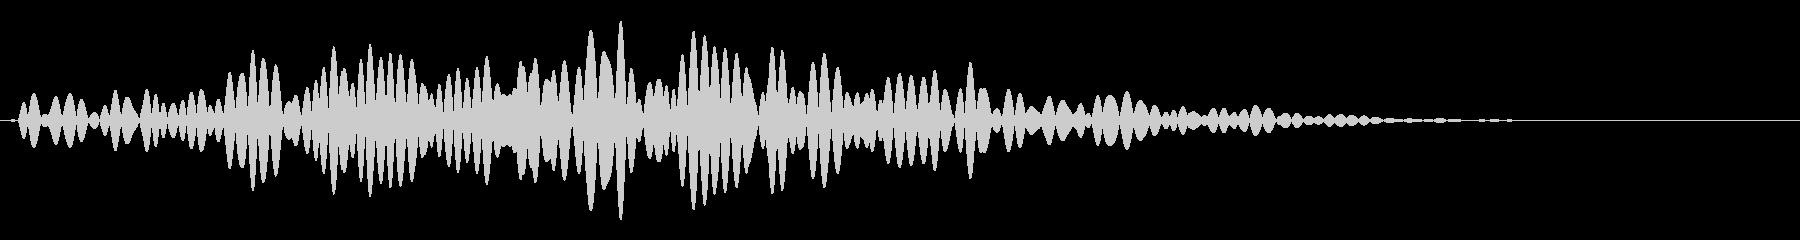 ハンマーを投げるような音です。の未再生の波形